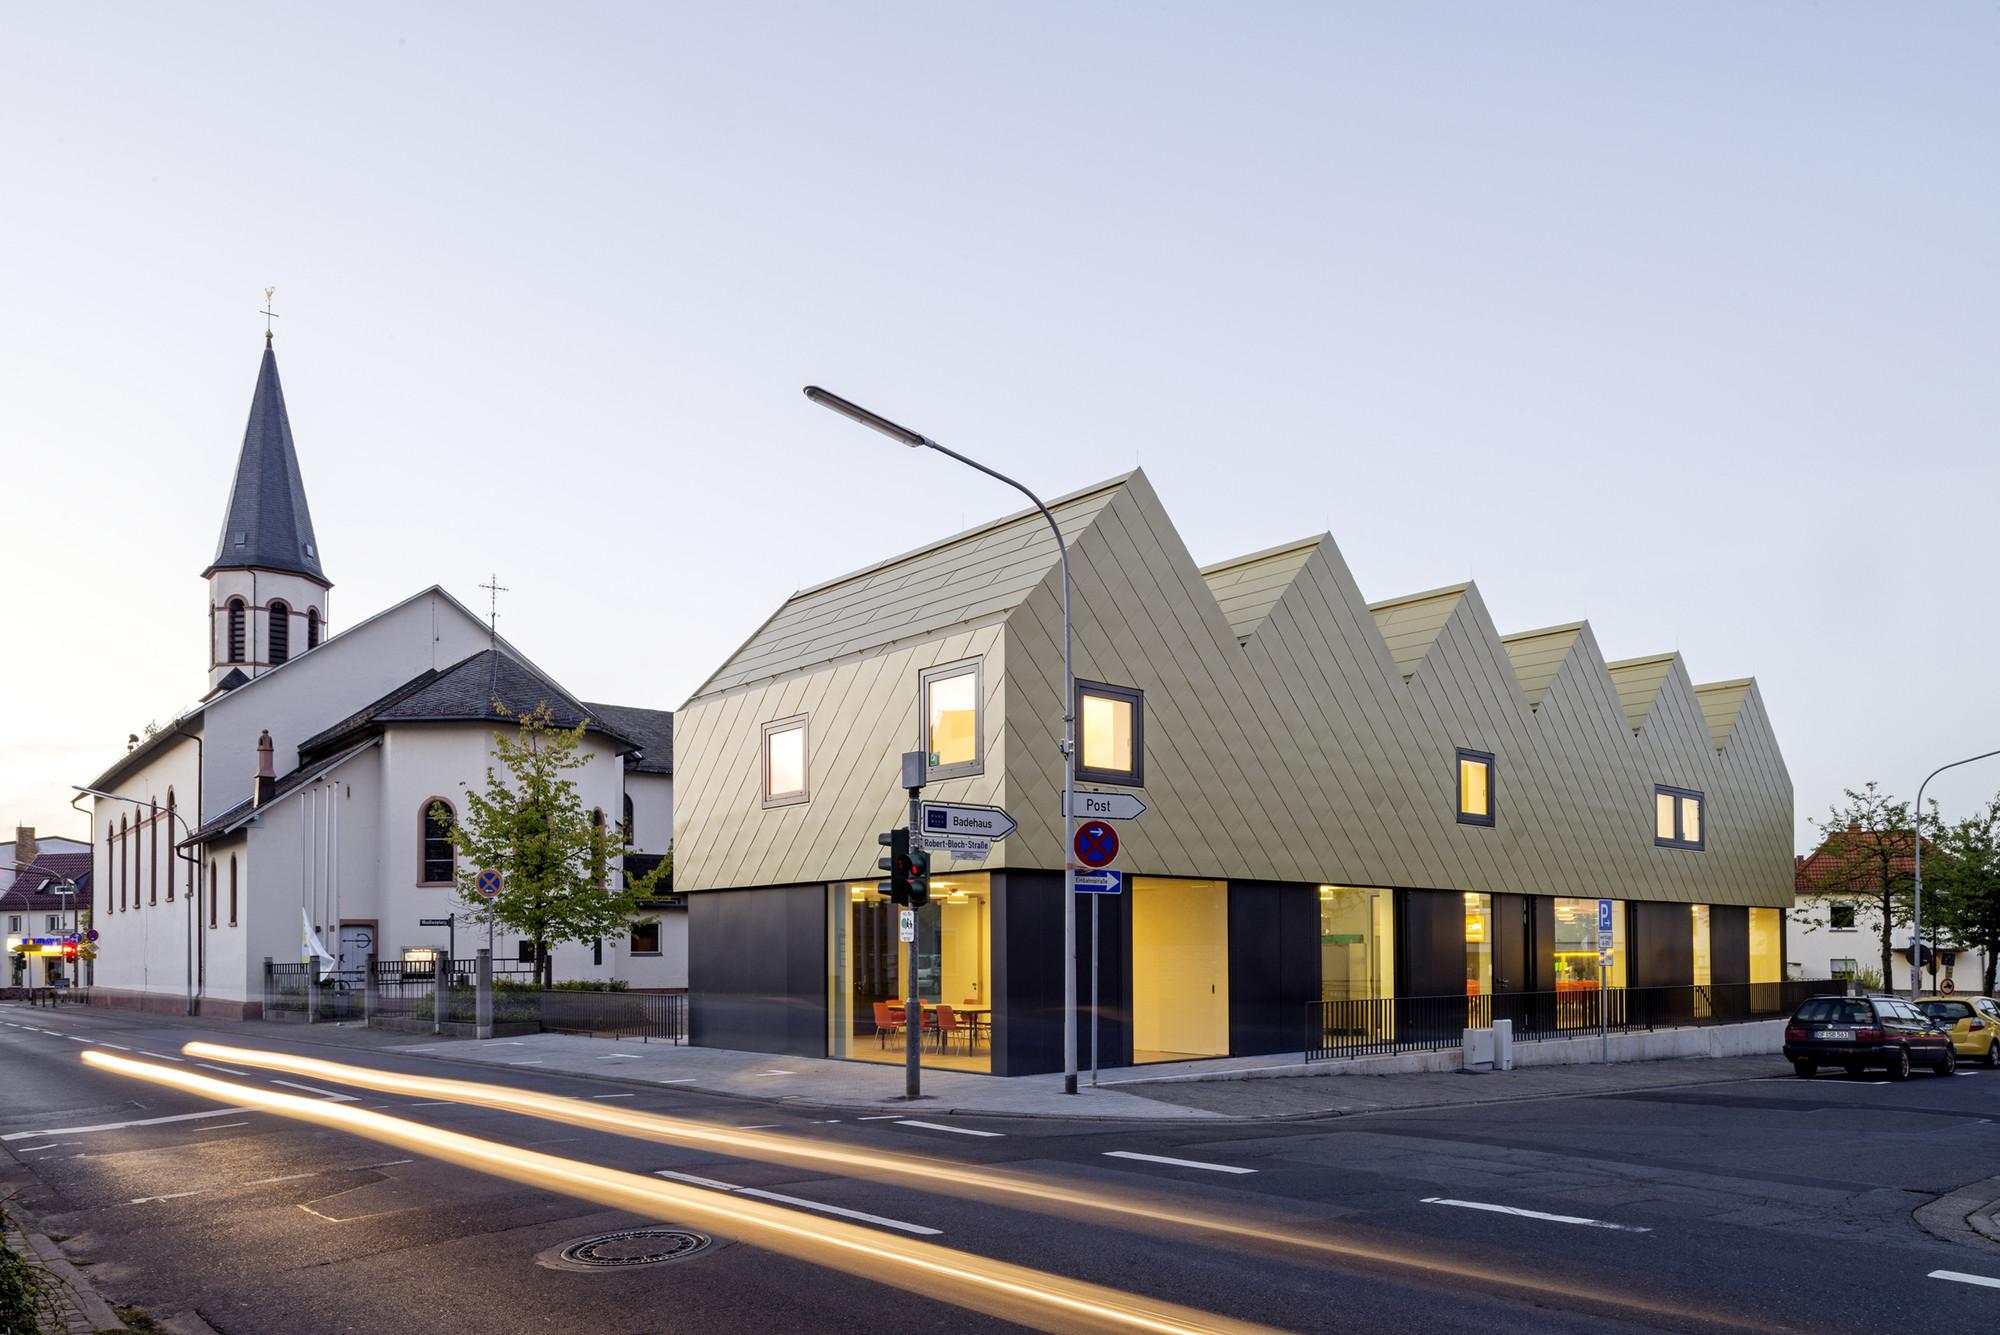 St Gallus Community Centre Netzwerkarchitekten Archdaily